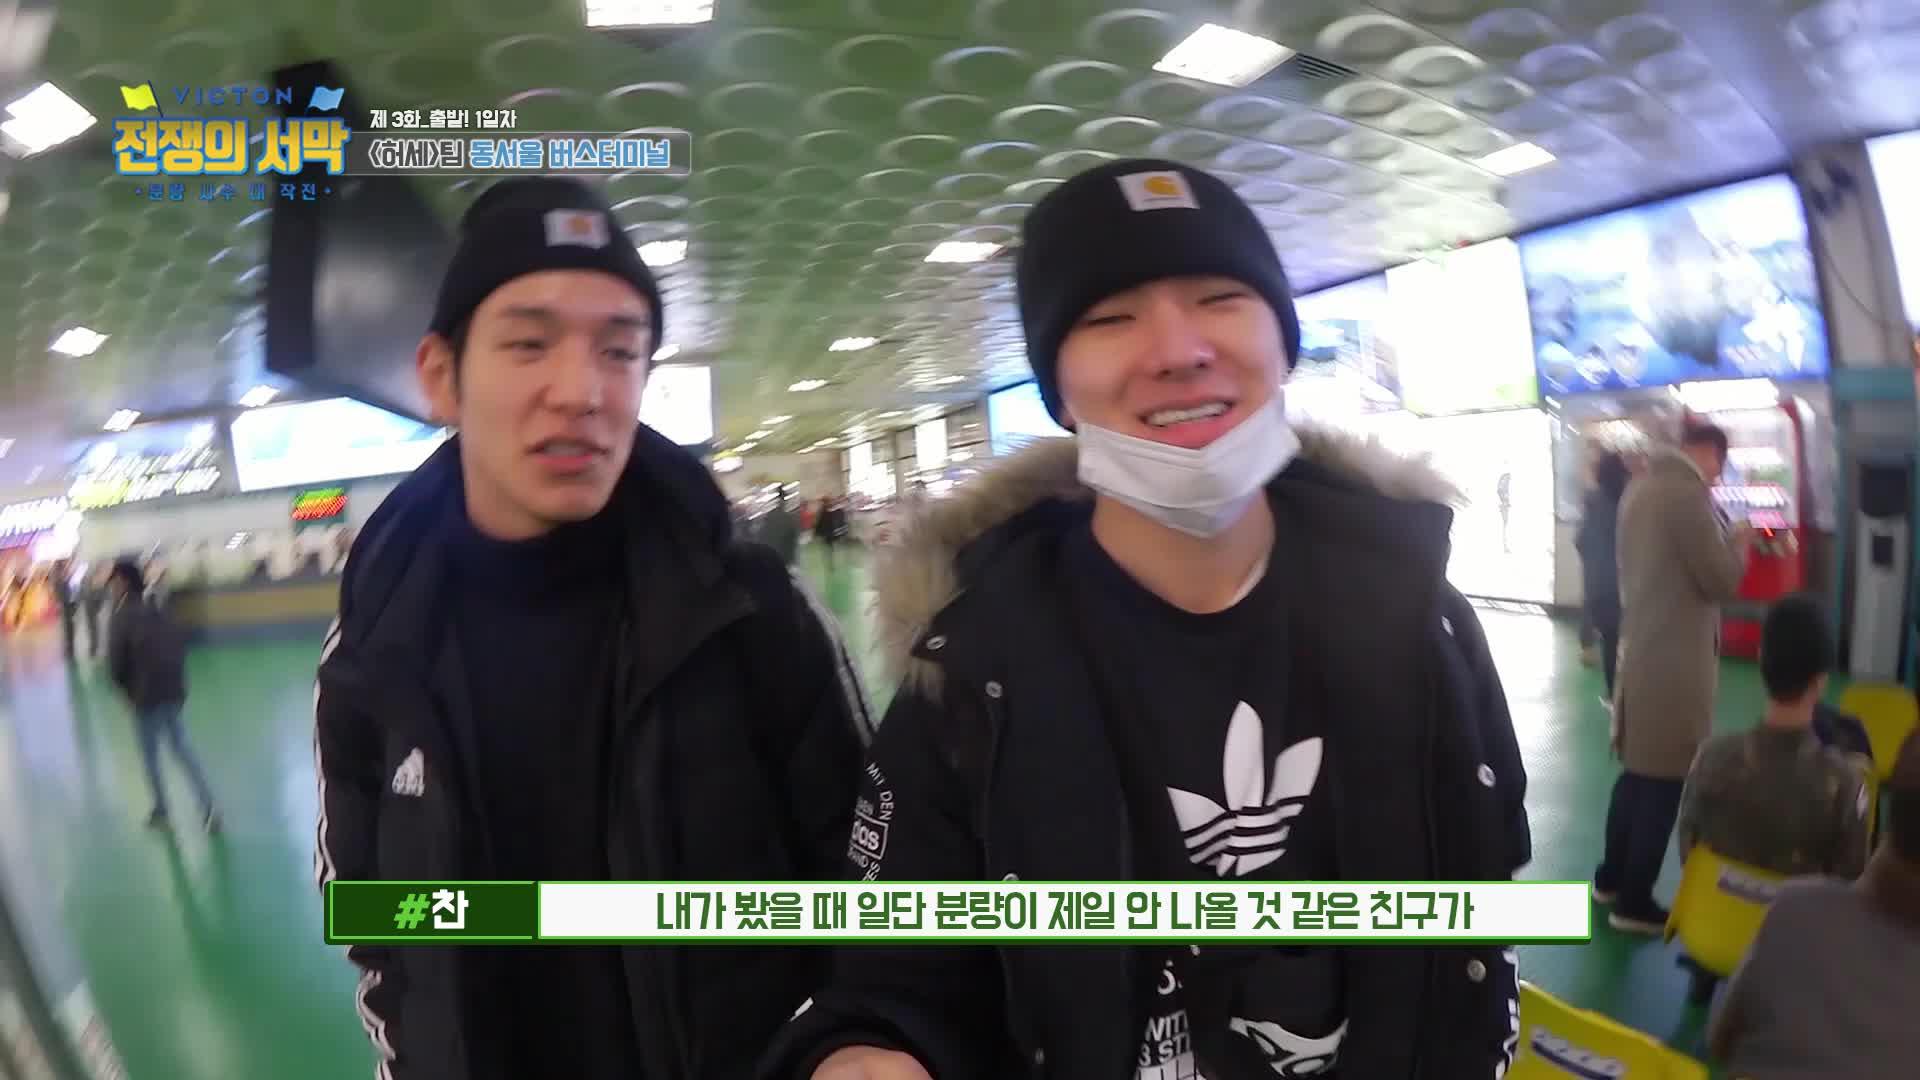 VICTON 자체 리얼리티 '전쟁의 서막 - 분량사수 대작전' 3화